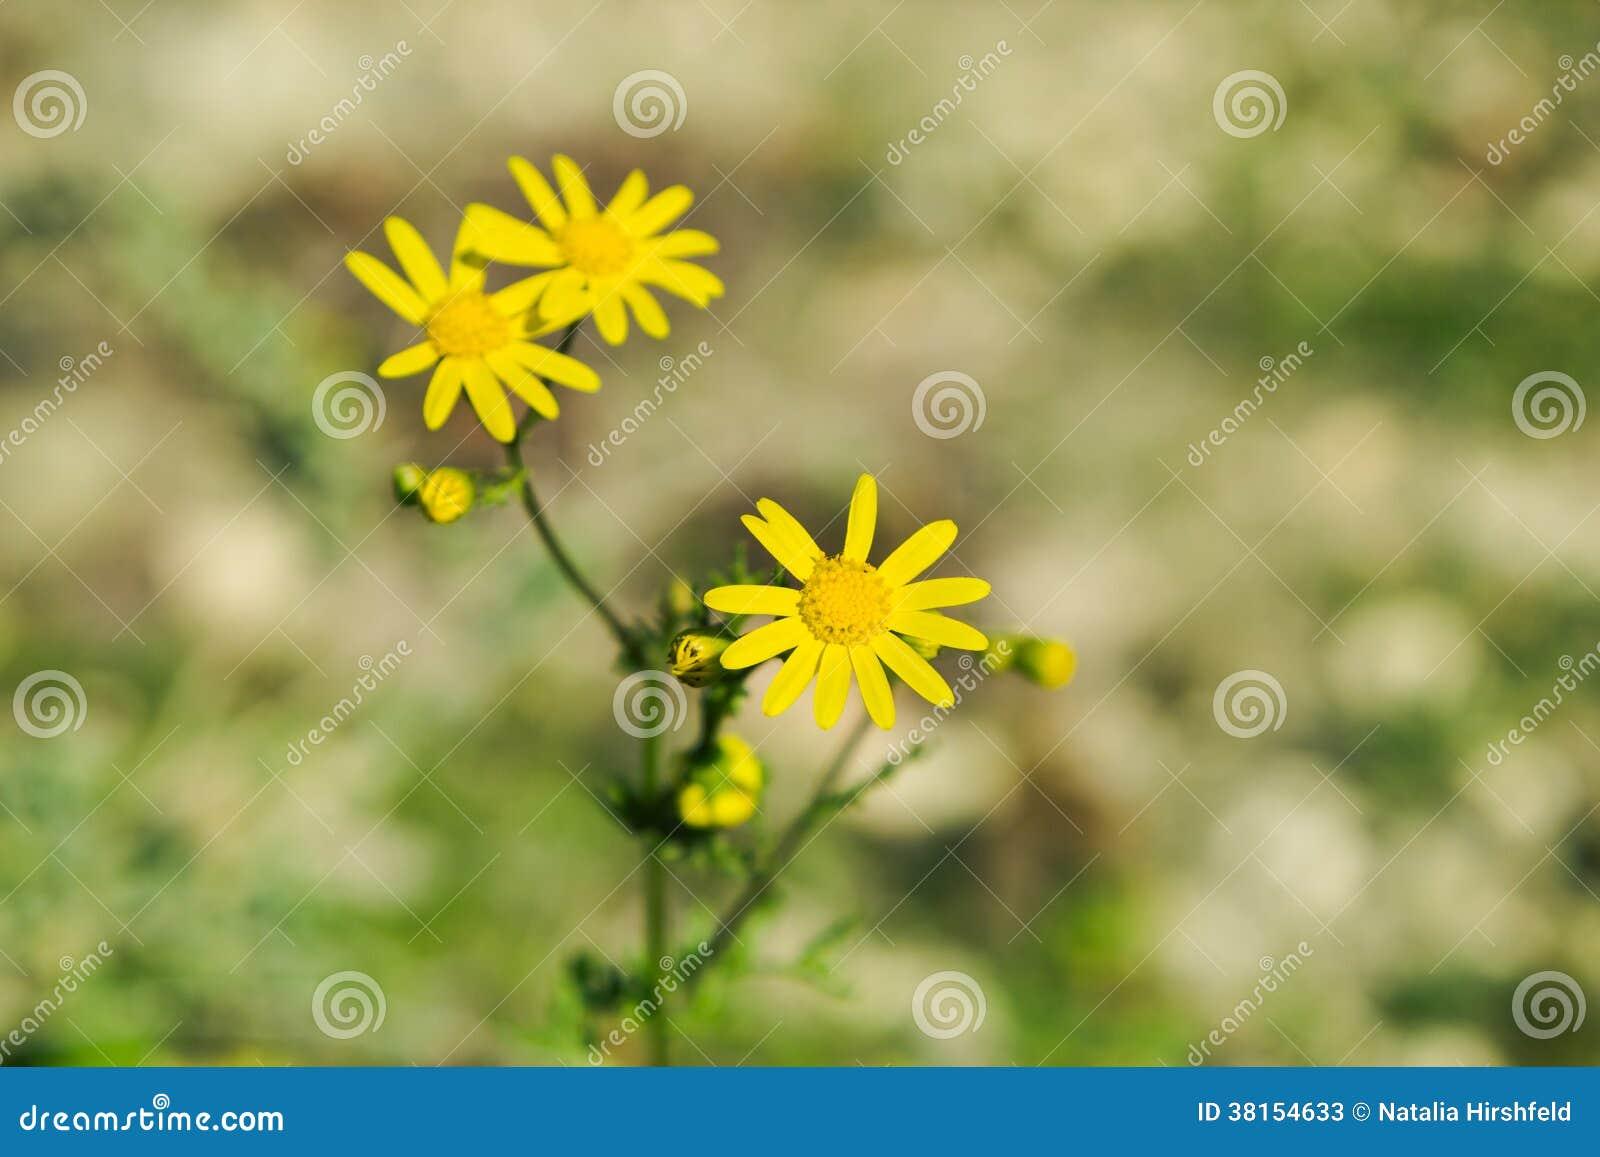 petites fleurs jaunes dans le printemps image stock image du macro orange 38154633. Black Bedroom Furniture Sets. Home Design Ideas